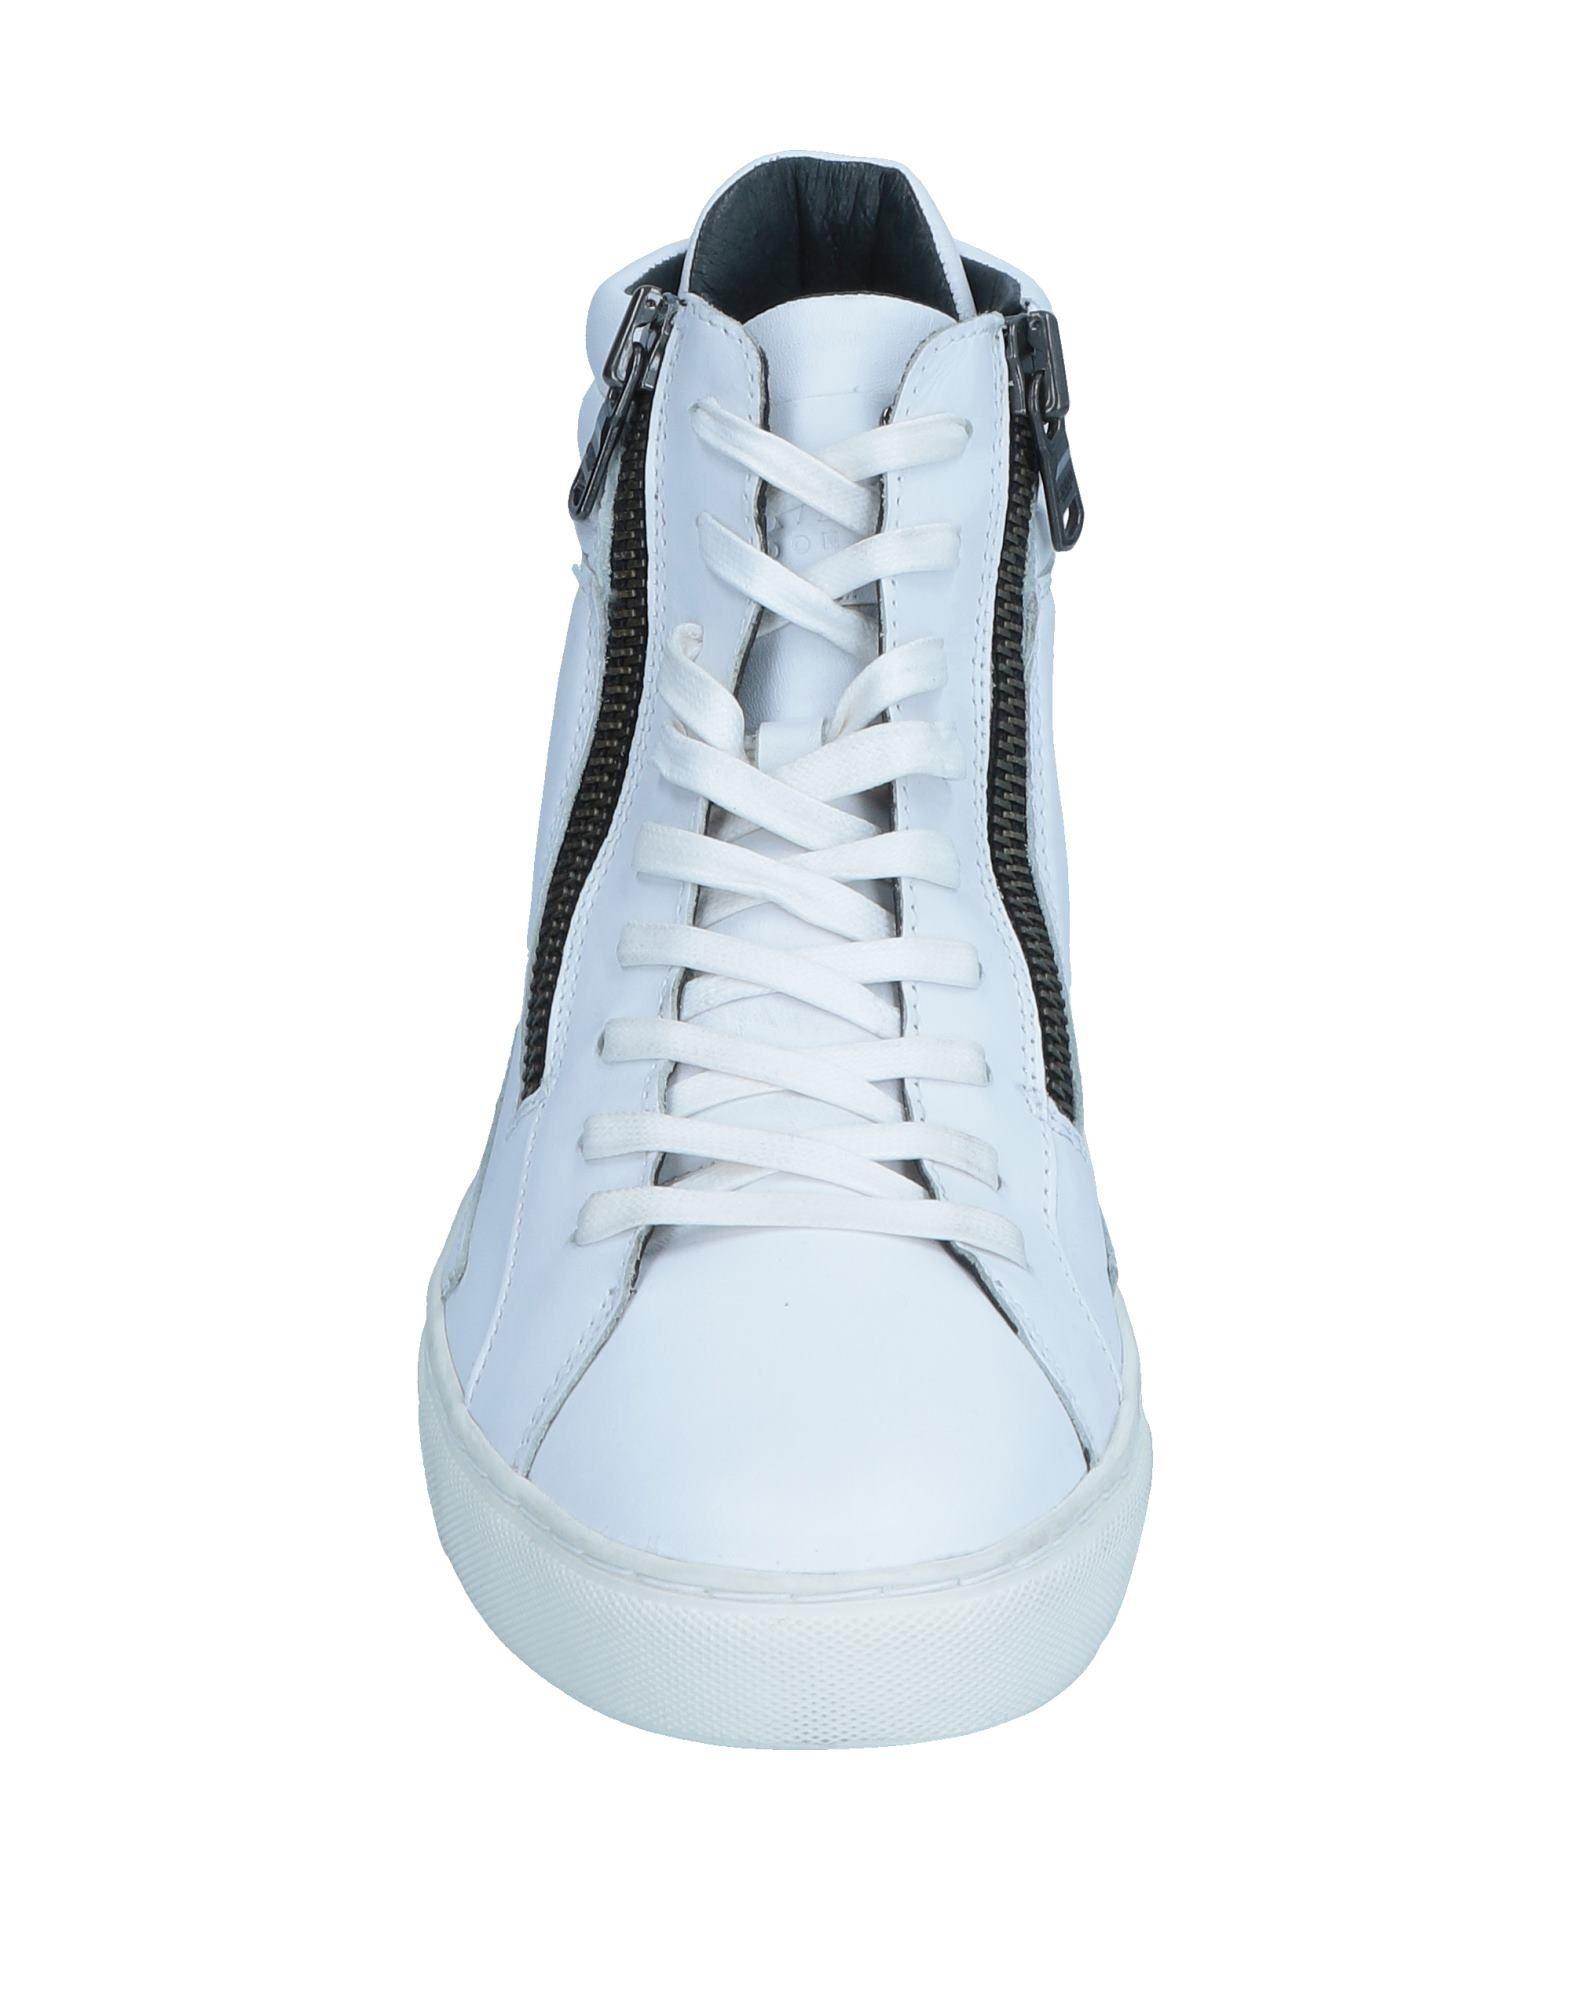 Rabatt echte Schuhe Crime London 11555970QC Sneakers Herren  11555970QC London 20c402